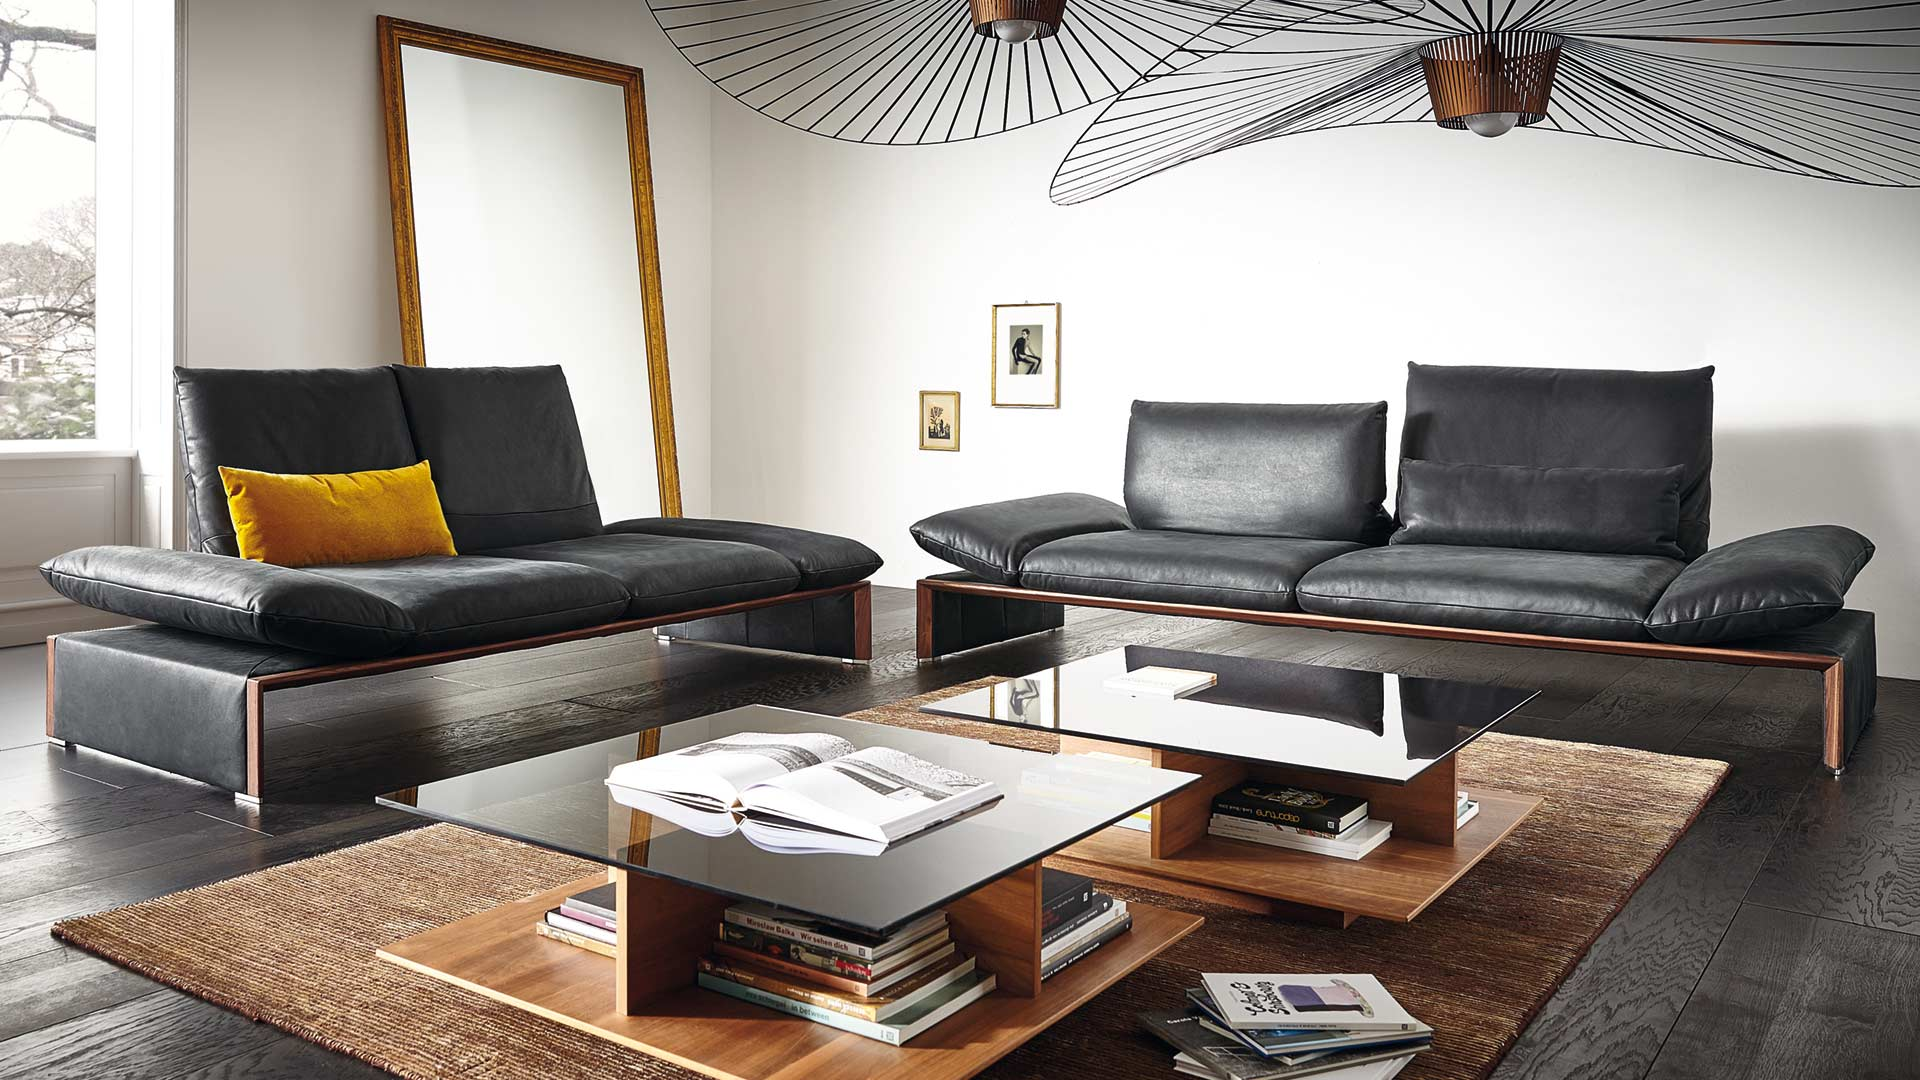 Full Size of Koinor Sofa Francis Lederfarben Couch Outlet Gebraucht Leder Weiss Erfahrungen Himolla Barock 3er Grau Halbrund Mit Elektrischer Sitztiefenverstellung 3 Sitzer Sofa Koinor Sofa